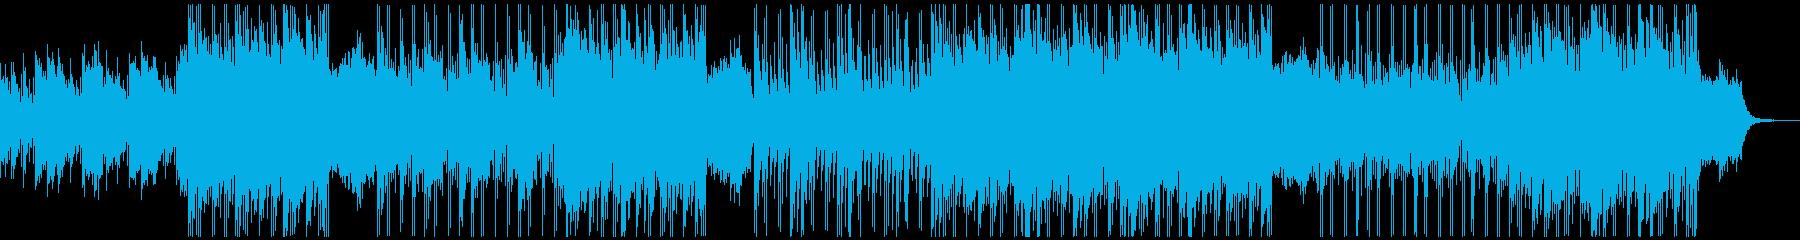 心落ち着く切ない三拍子の再生済みの波形